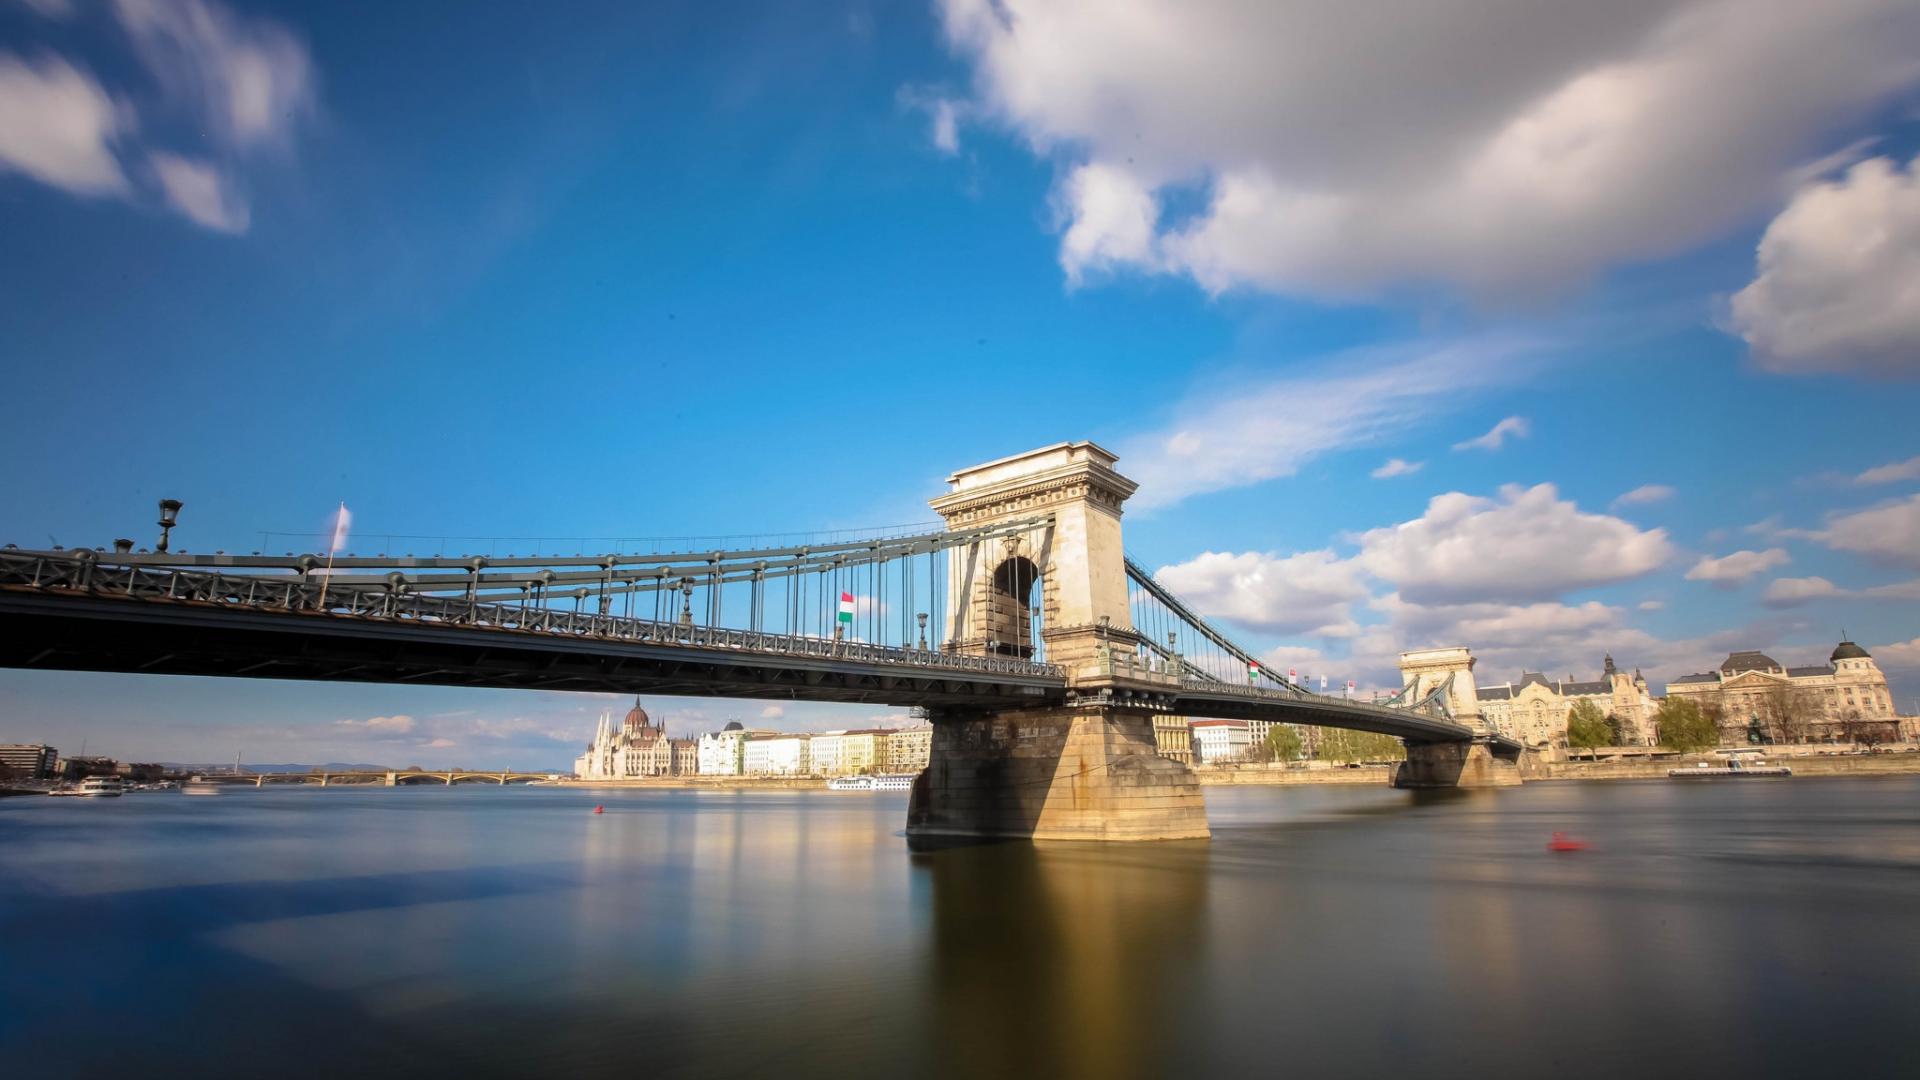 Bello puente en Italia - 1920x1080